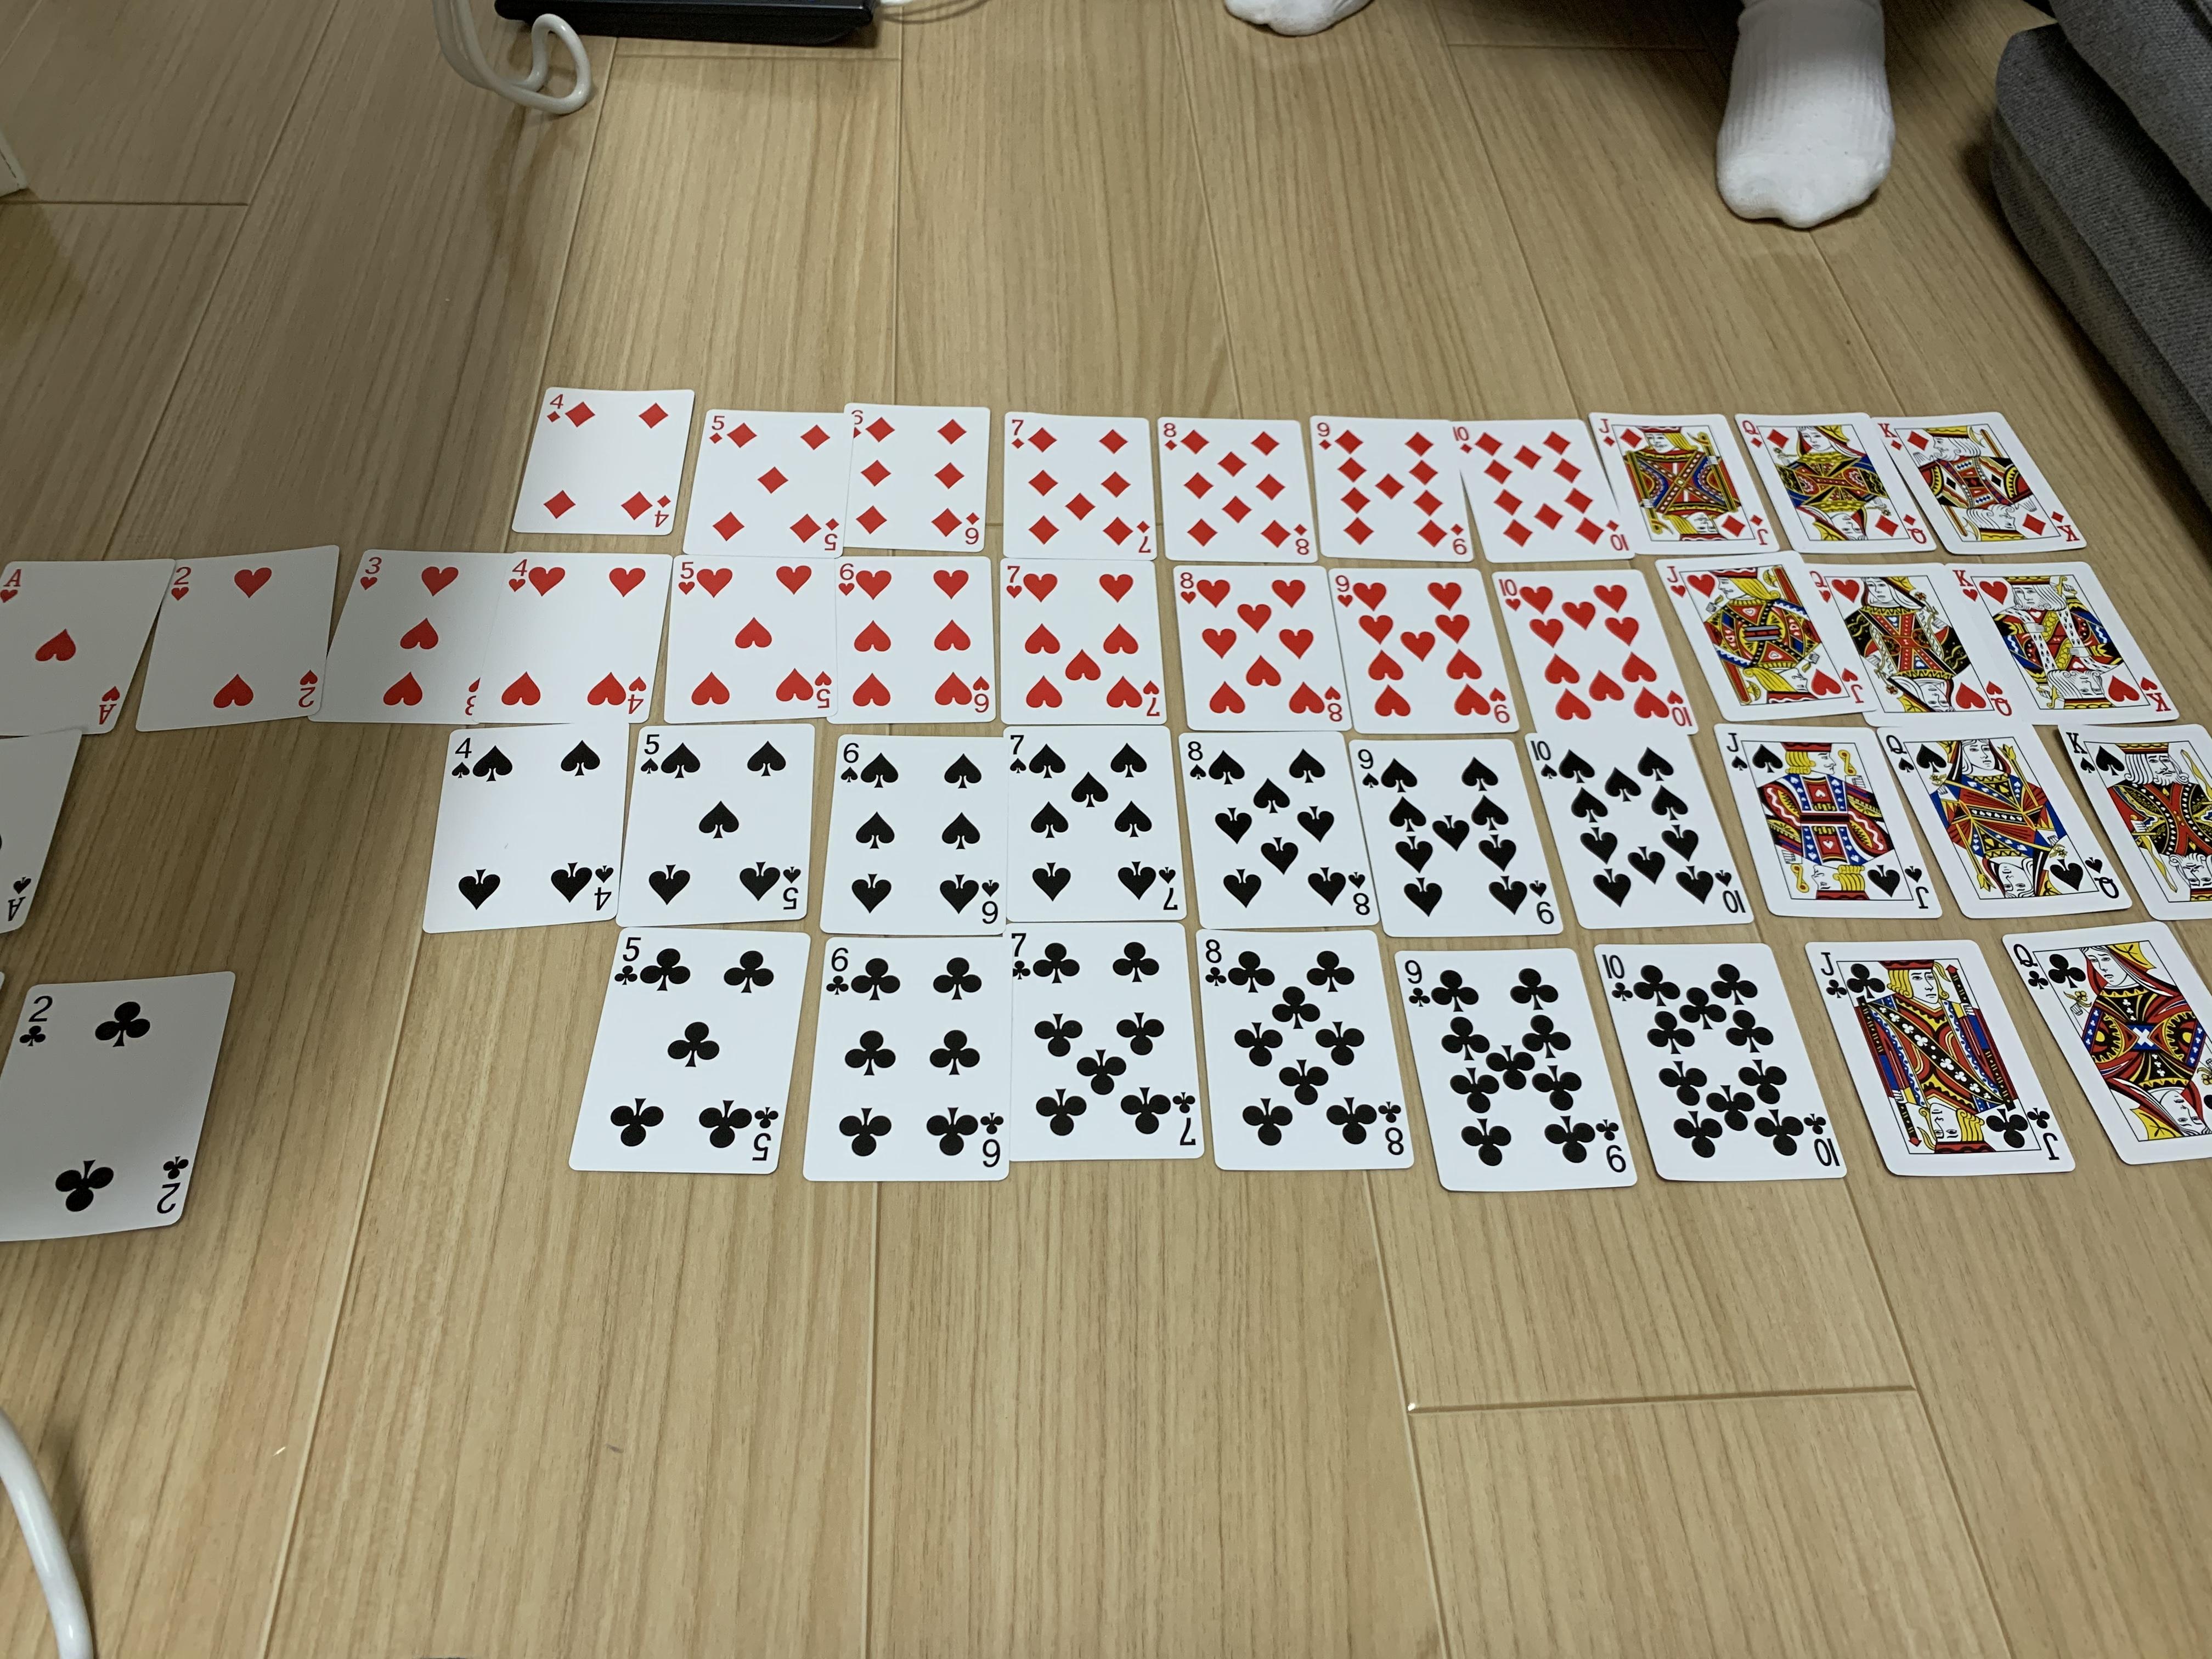 7E5A4784-1972-409A-9EC8-0215F8E6CD64